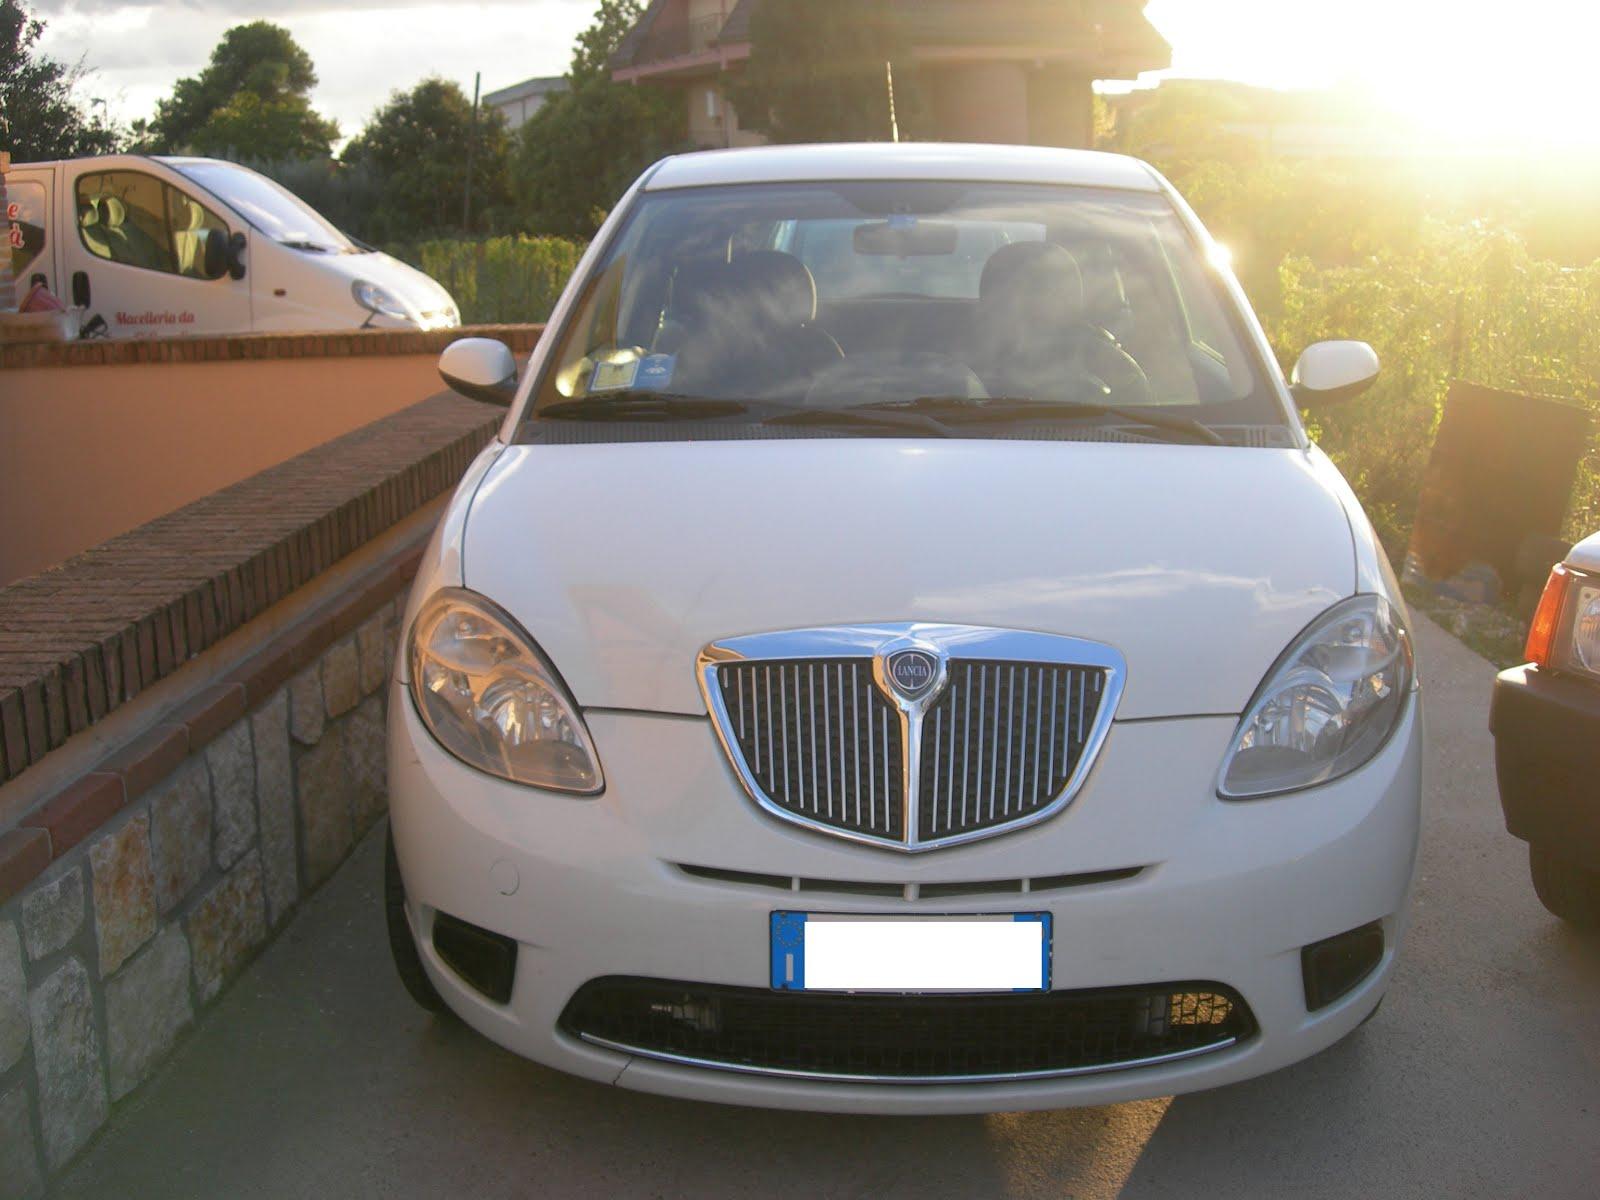 Lancia y 1.2 modello ORO anno 2009 80.000 km prezzo 4.500,00 euro